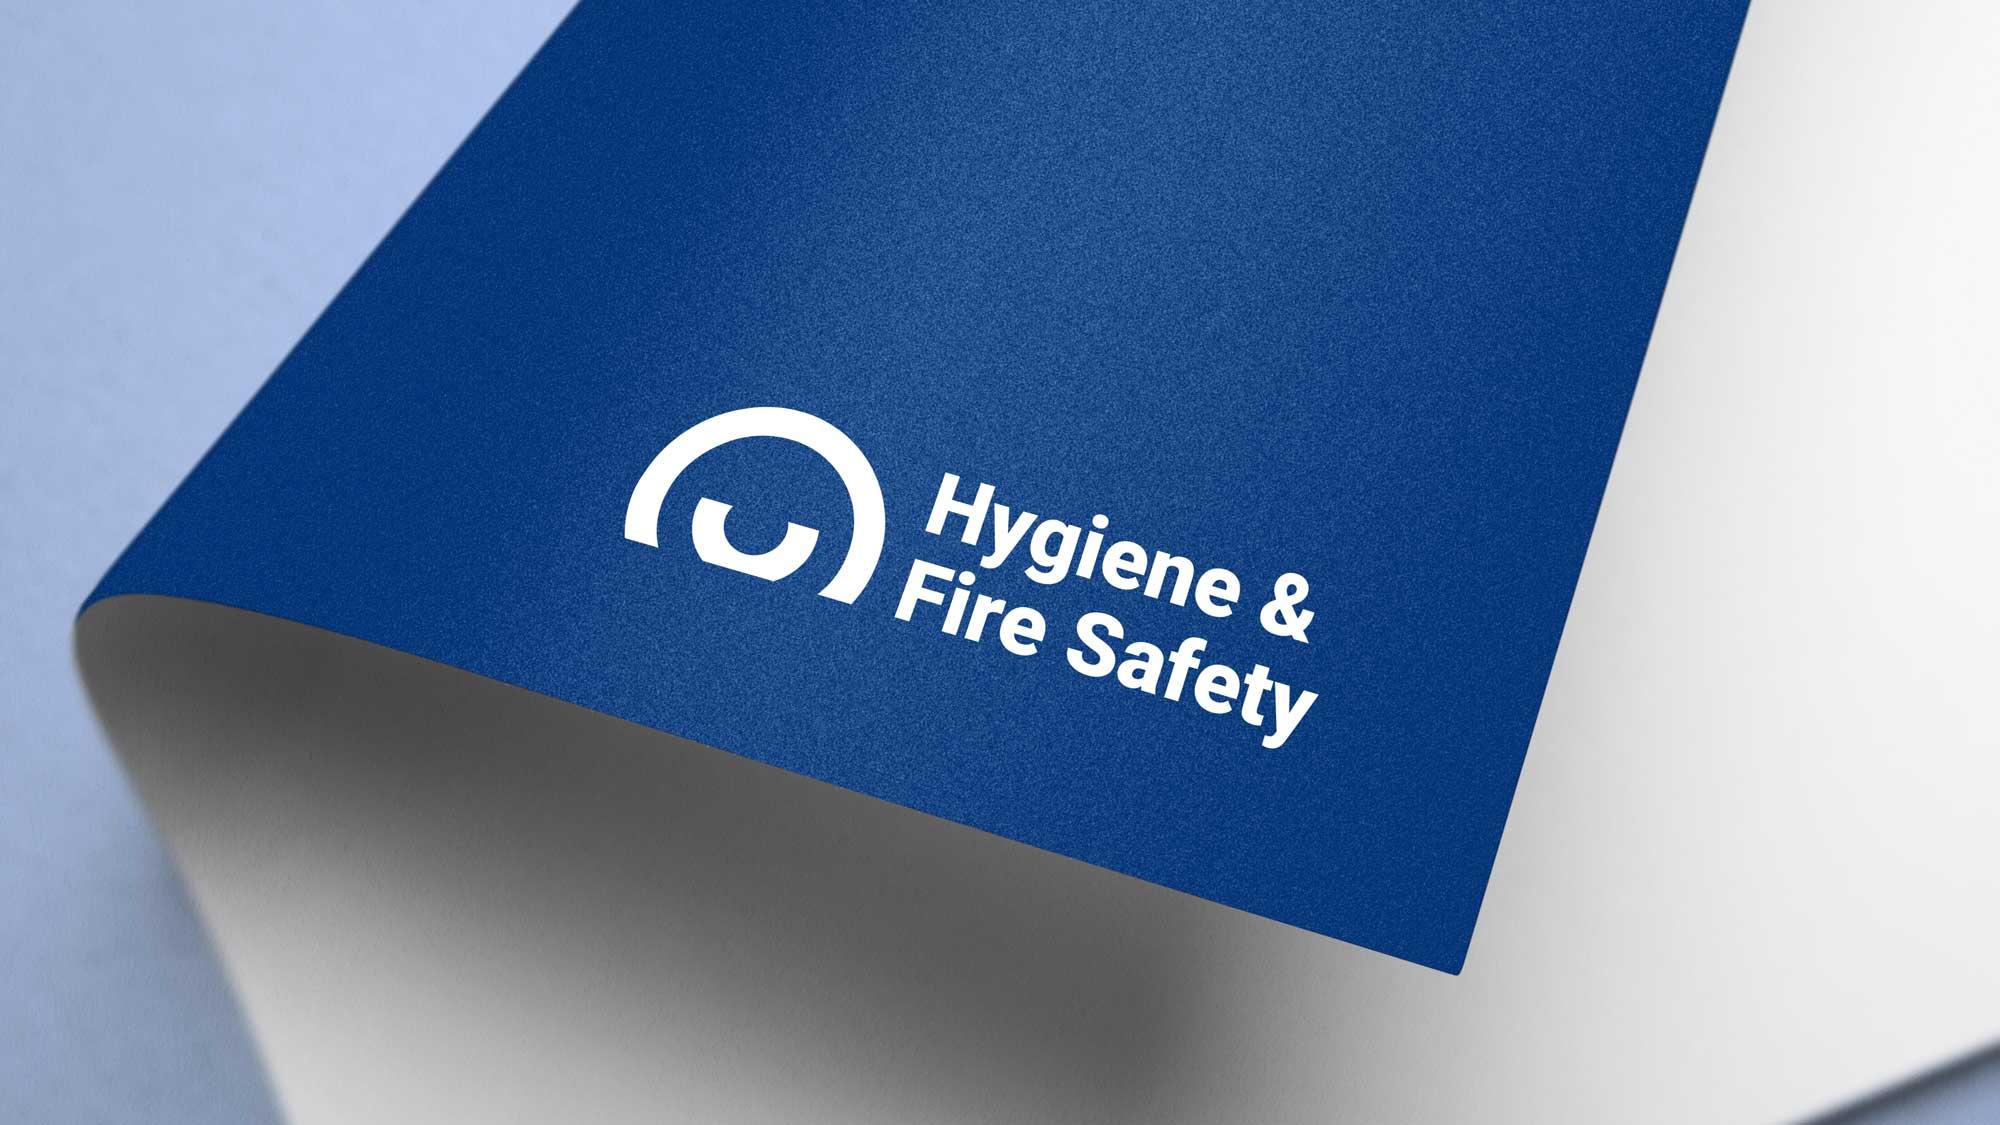 Hygiene & Fire Safety logo on paper